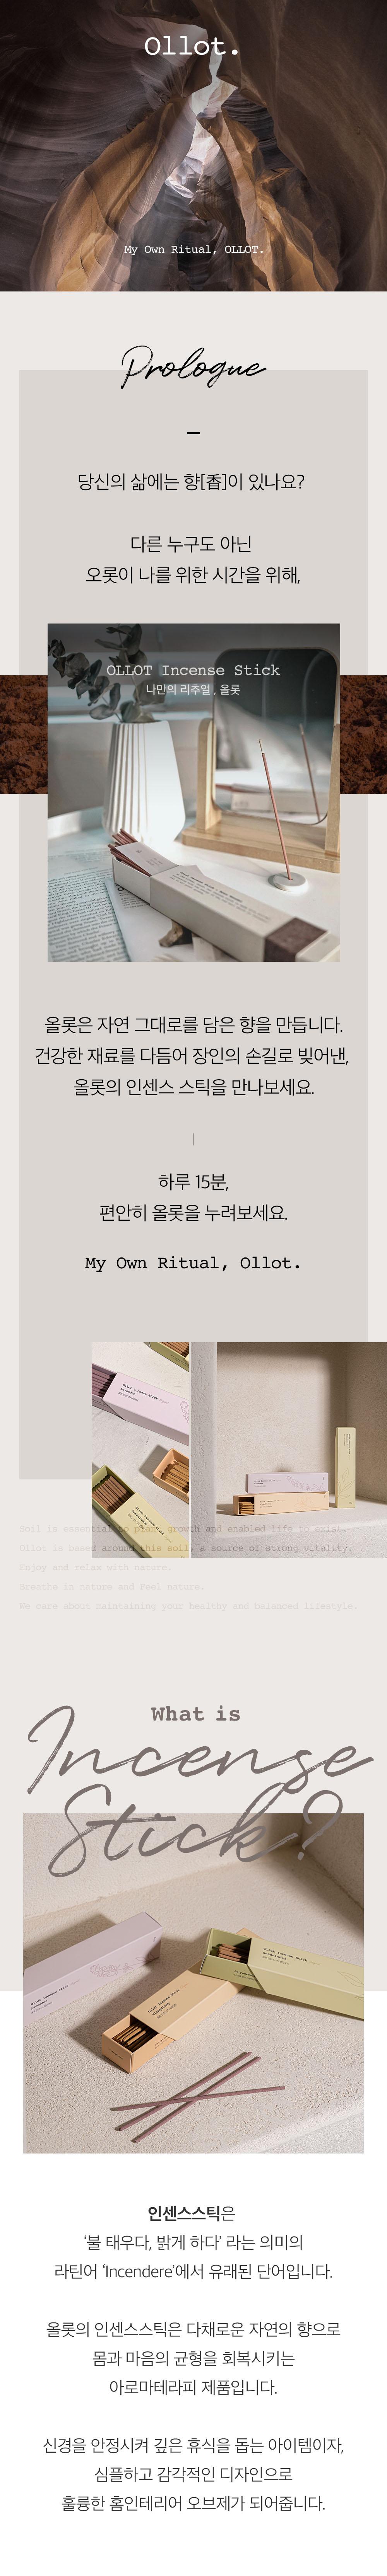 올롯(OLLOT) 인센스 스틱 2종 + 홀더2종 + 파우치 세트